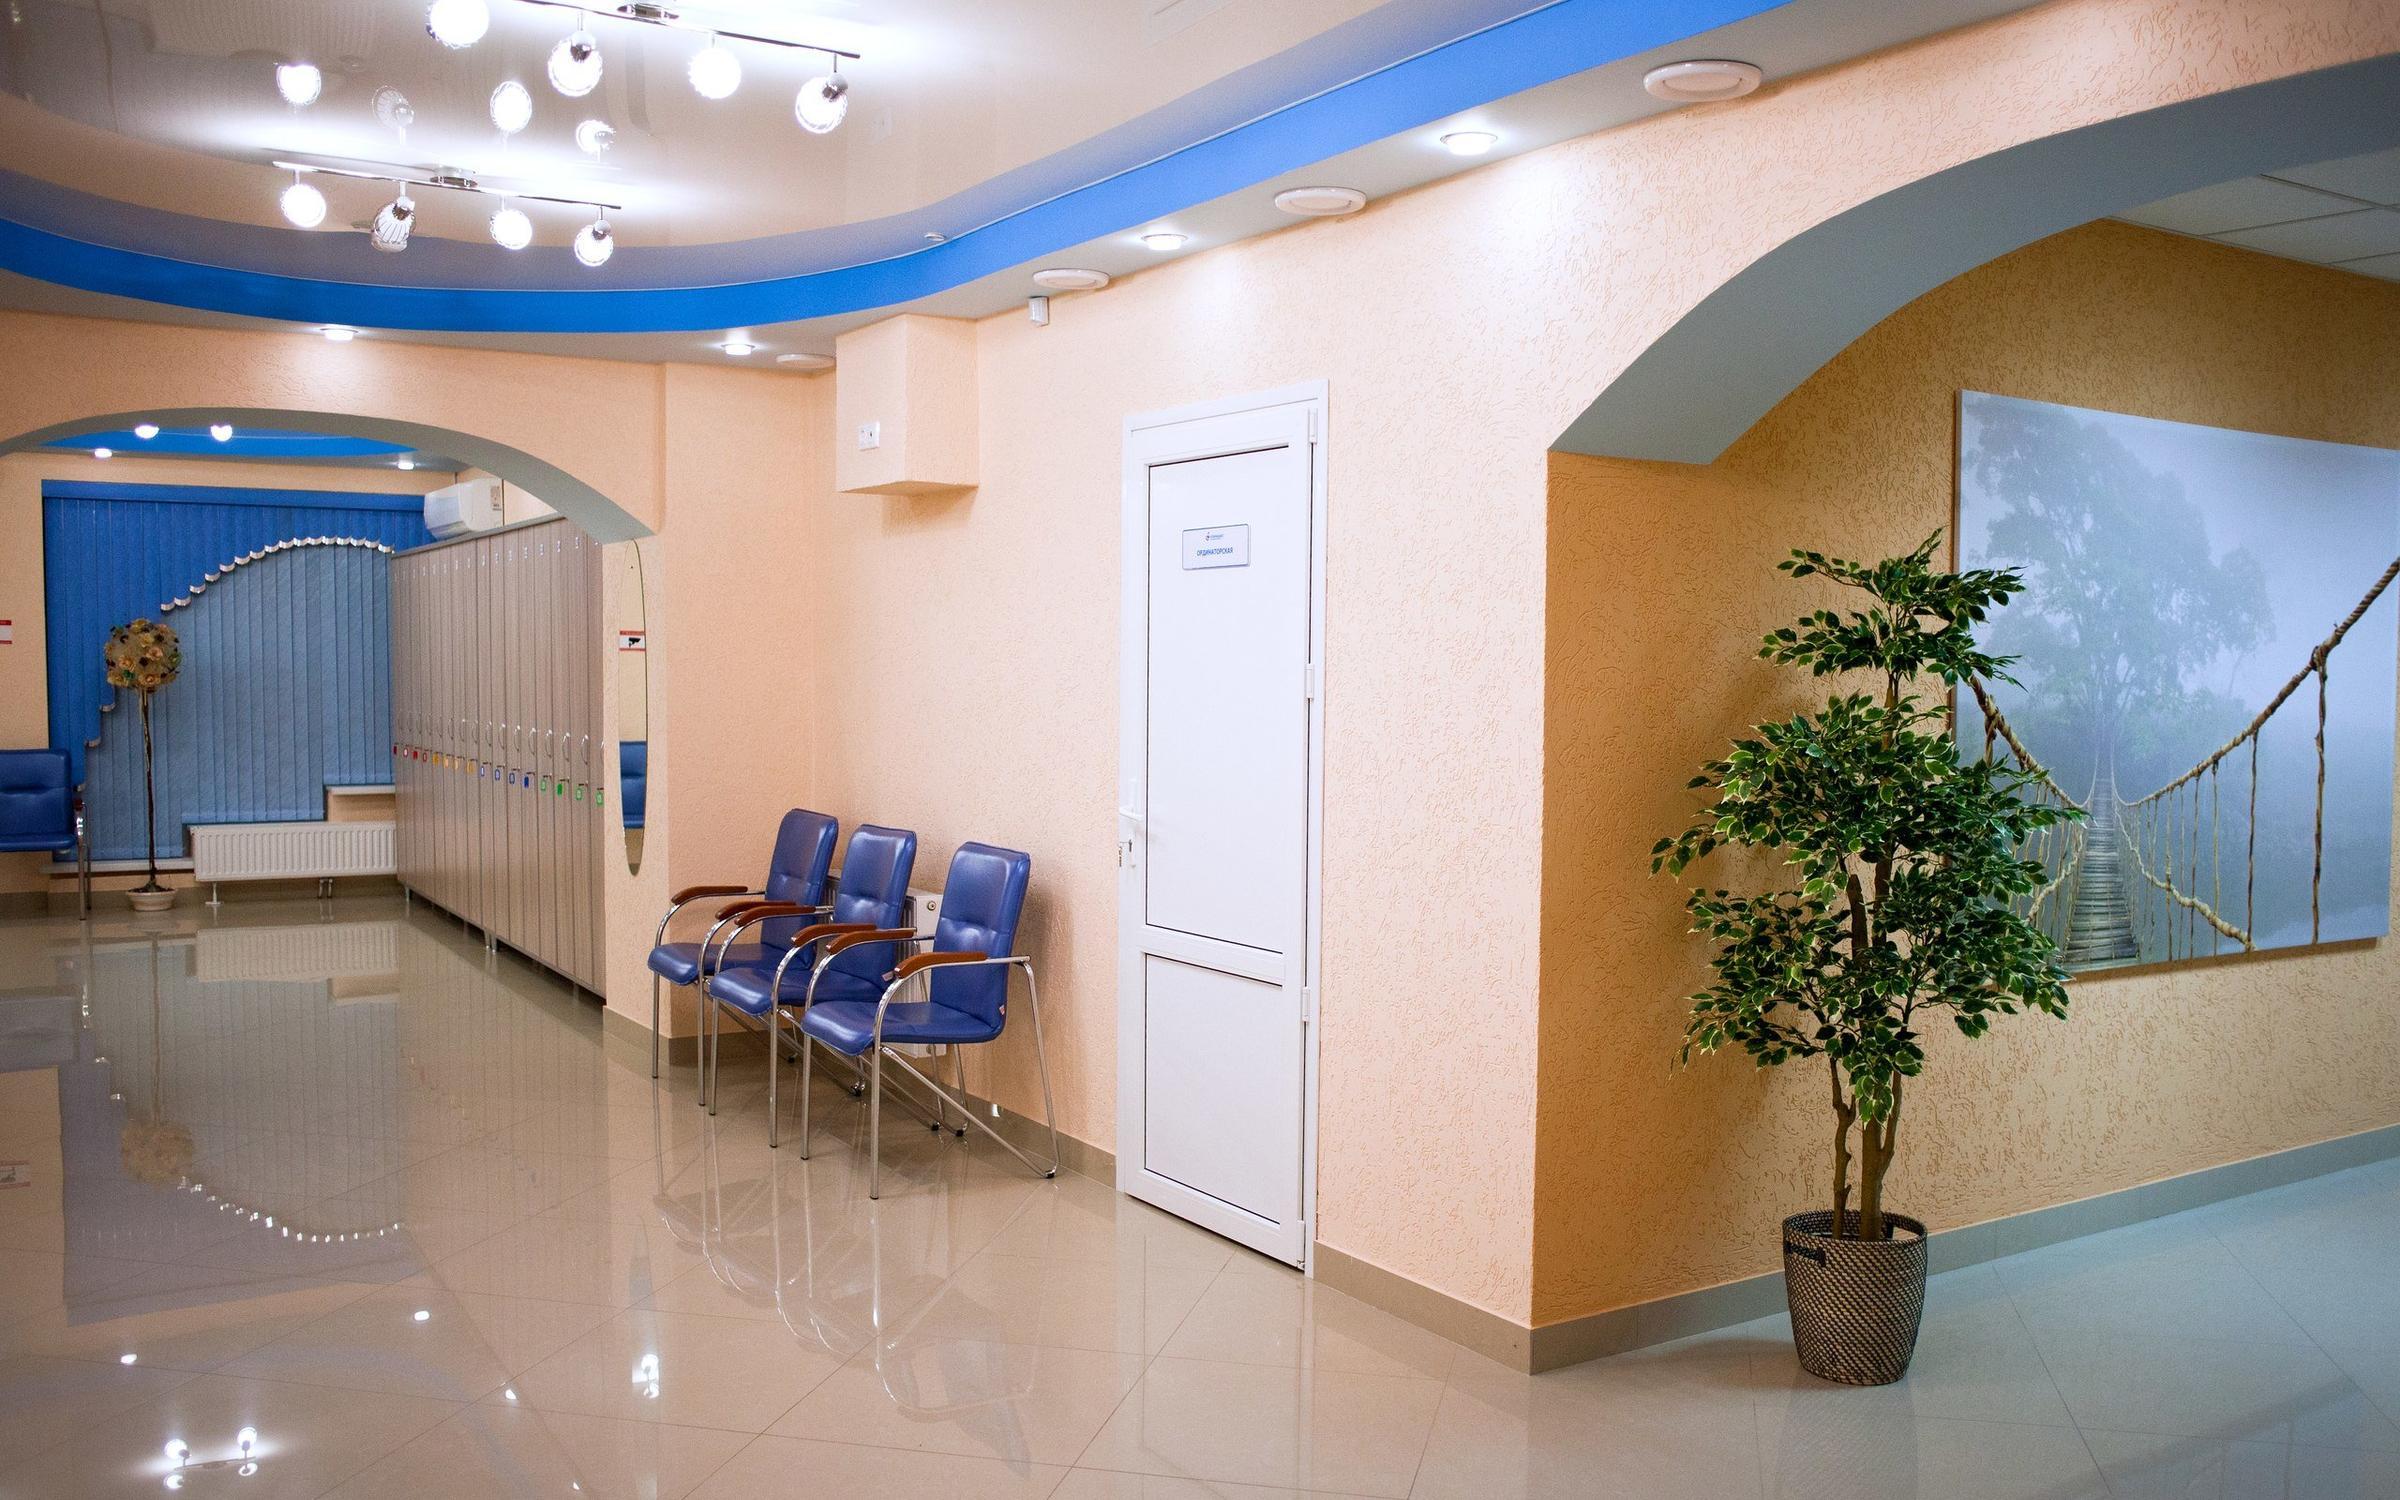 фотография Медицинского центра Клиницист на Ставропольской улице